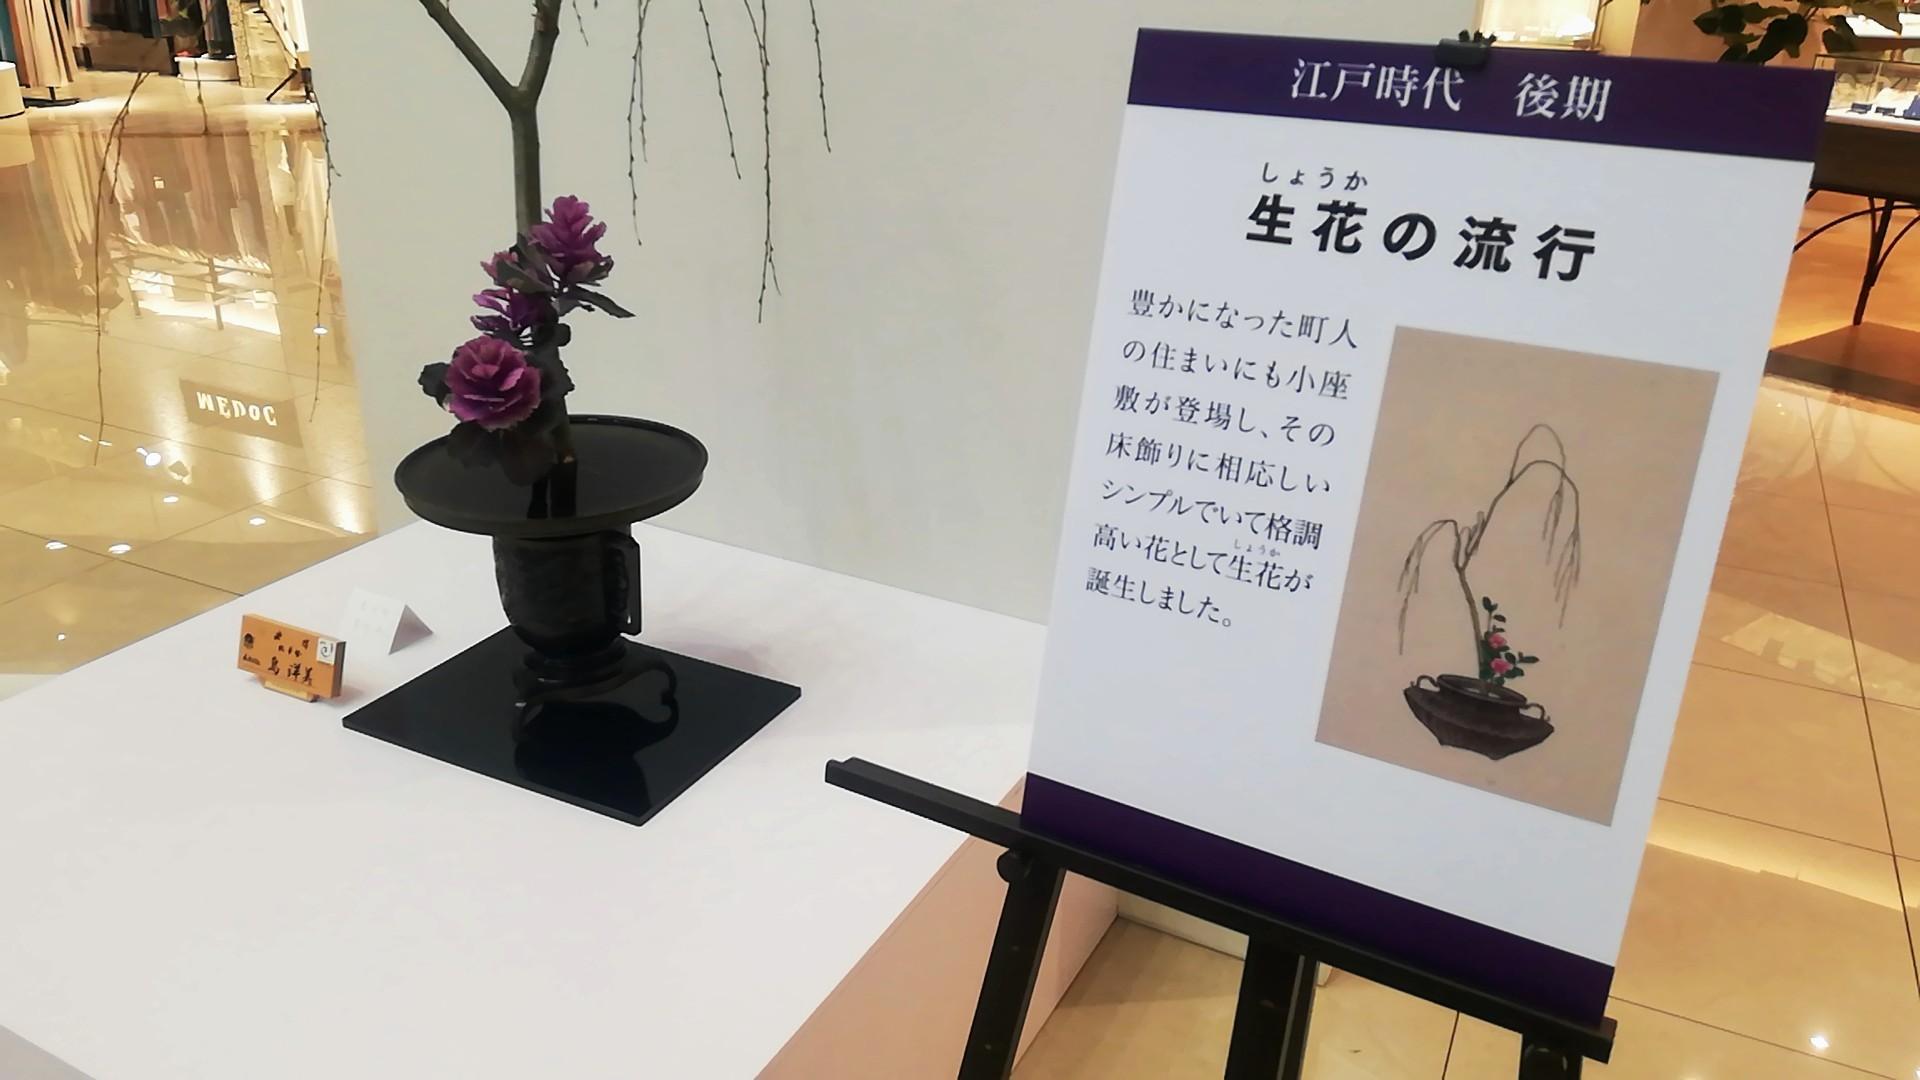 ゆめタウン佐賀開催の池坊展へ_d0195183_20125864.jpg